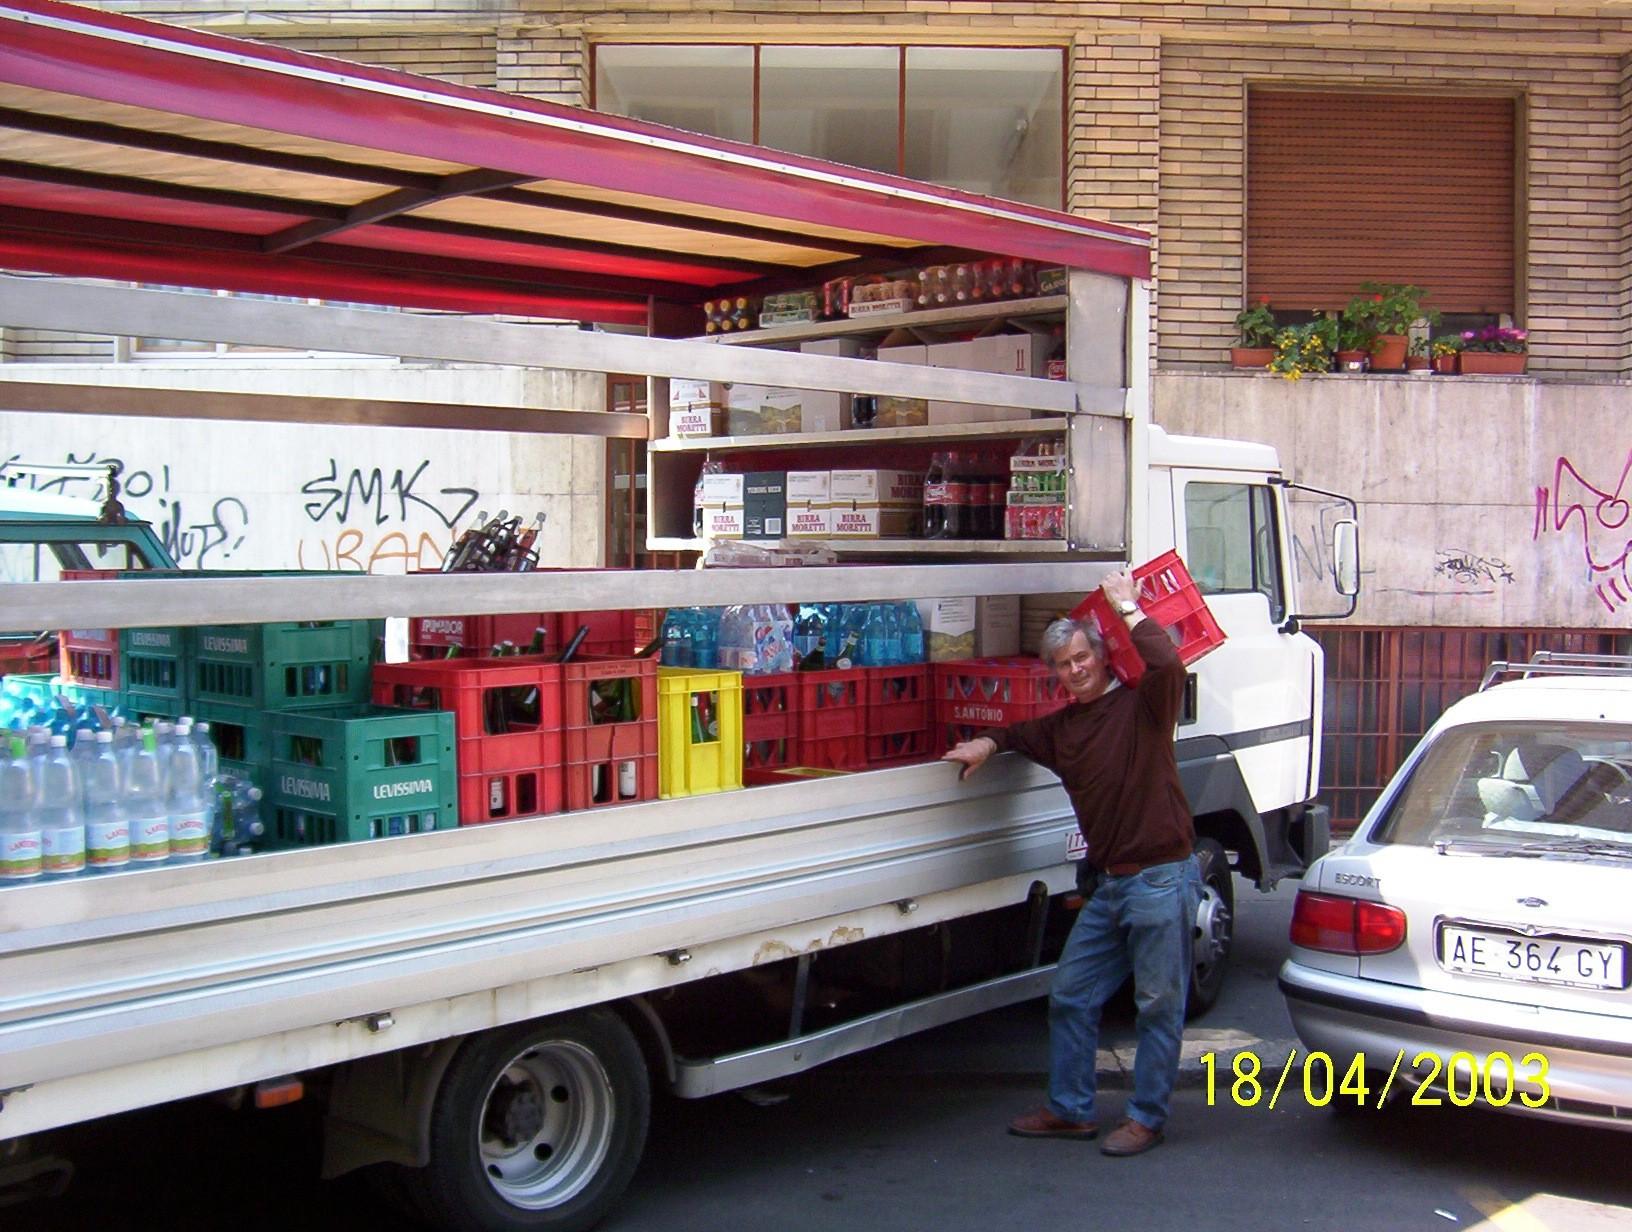 Venditore bottiglie acqua  via Gentilino 1995